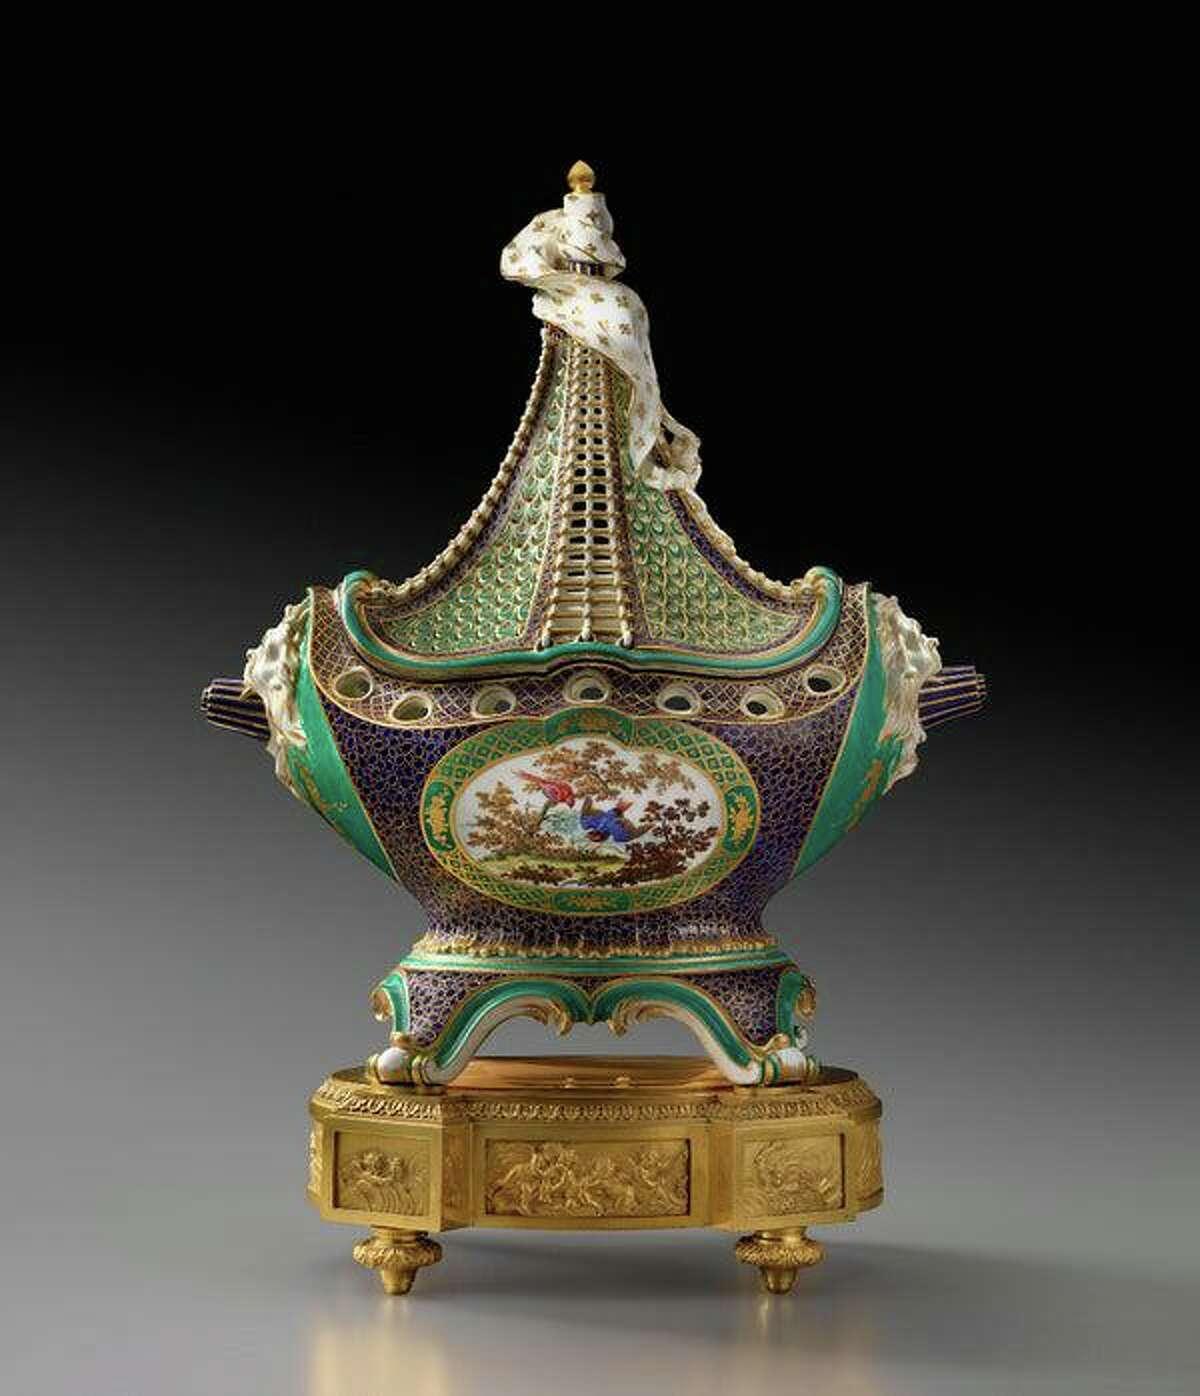 Potpourri vase (pot-pourri à vaisseau), soft-paste porcelain from Sèvres Porcelain Manufactory, modeled by Jean-Claude Duplessis, ca. 1759.